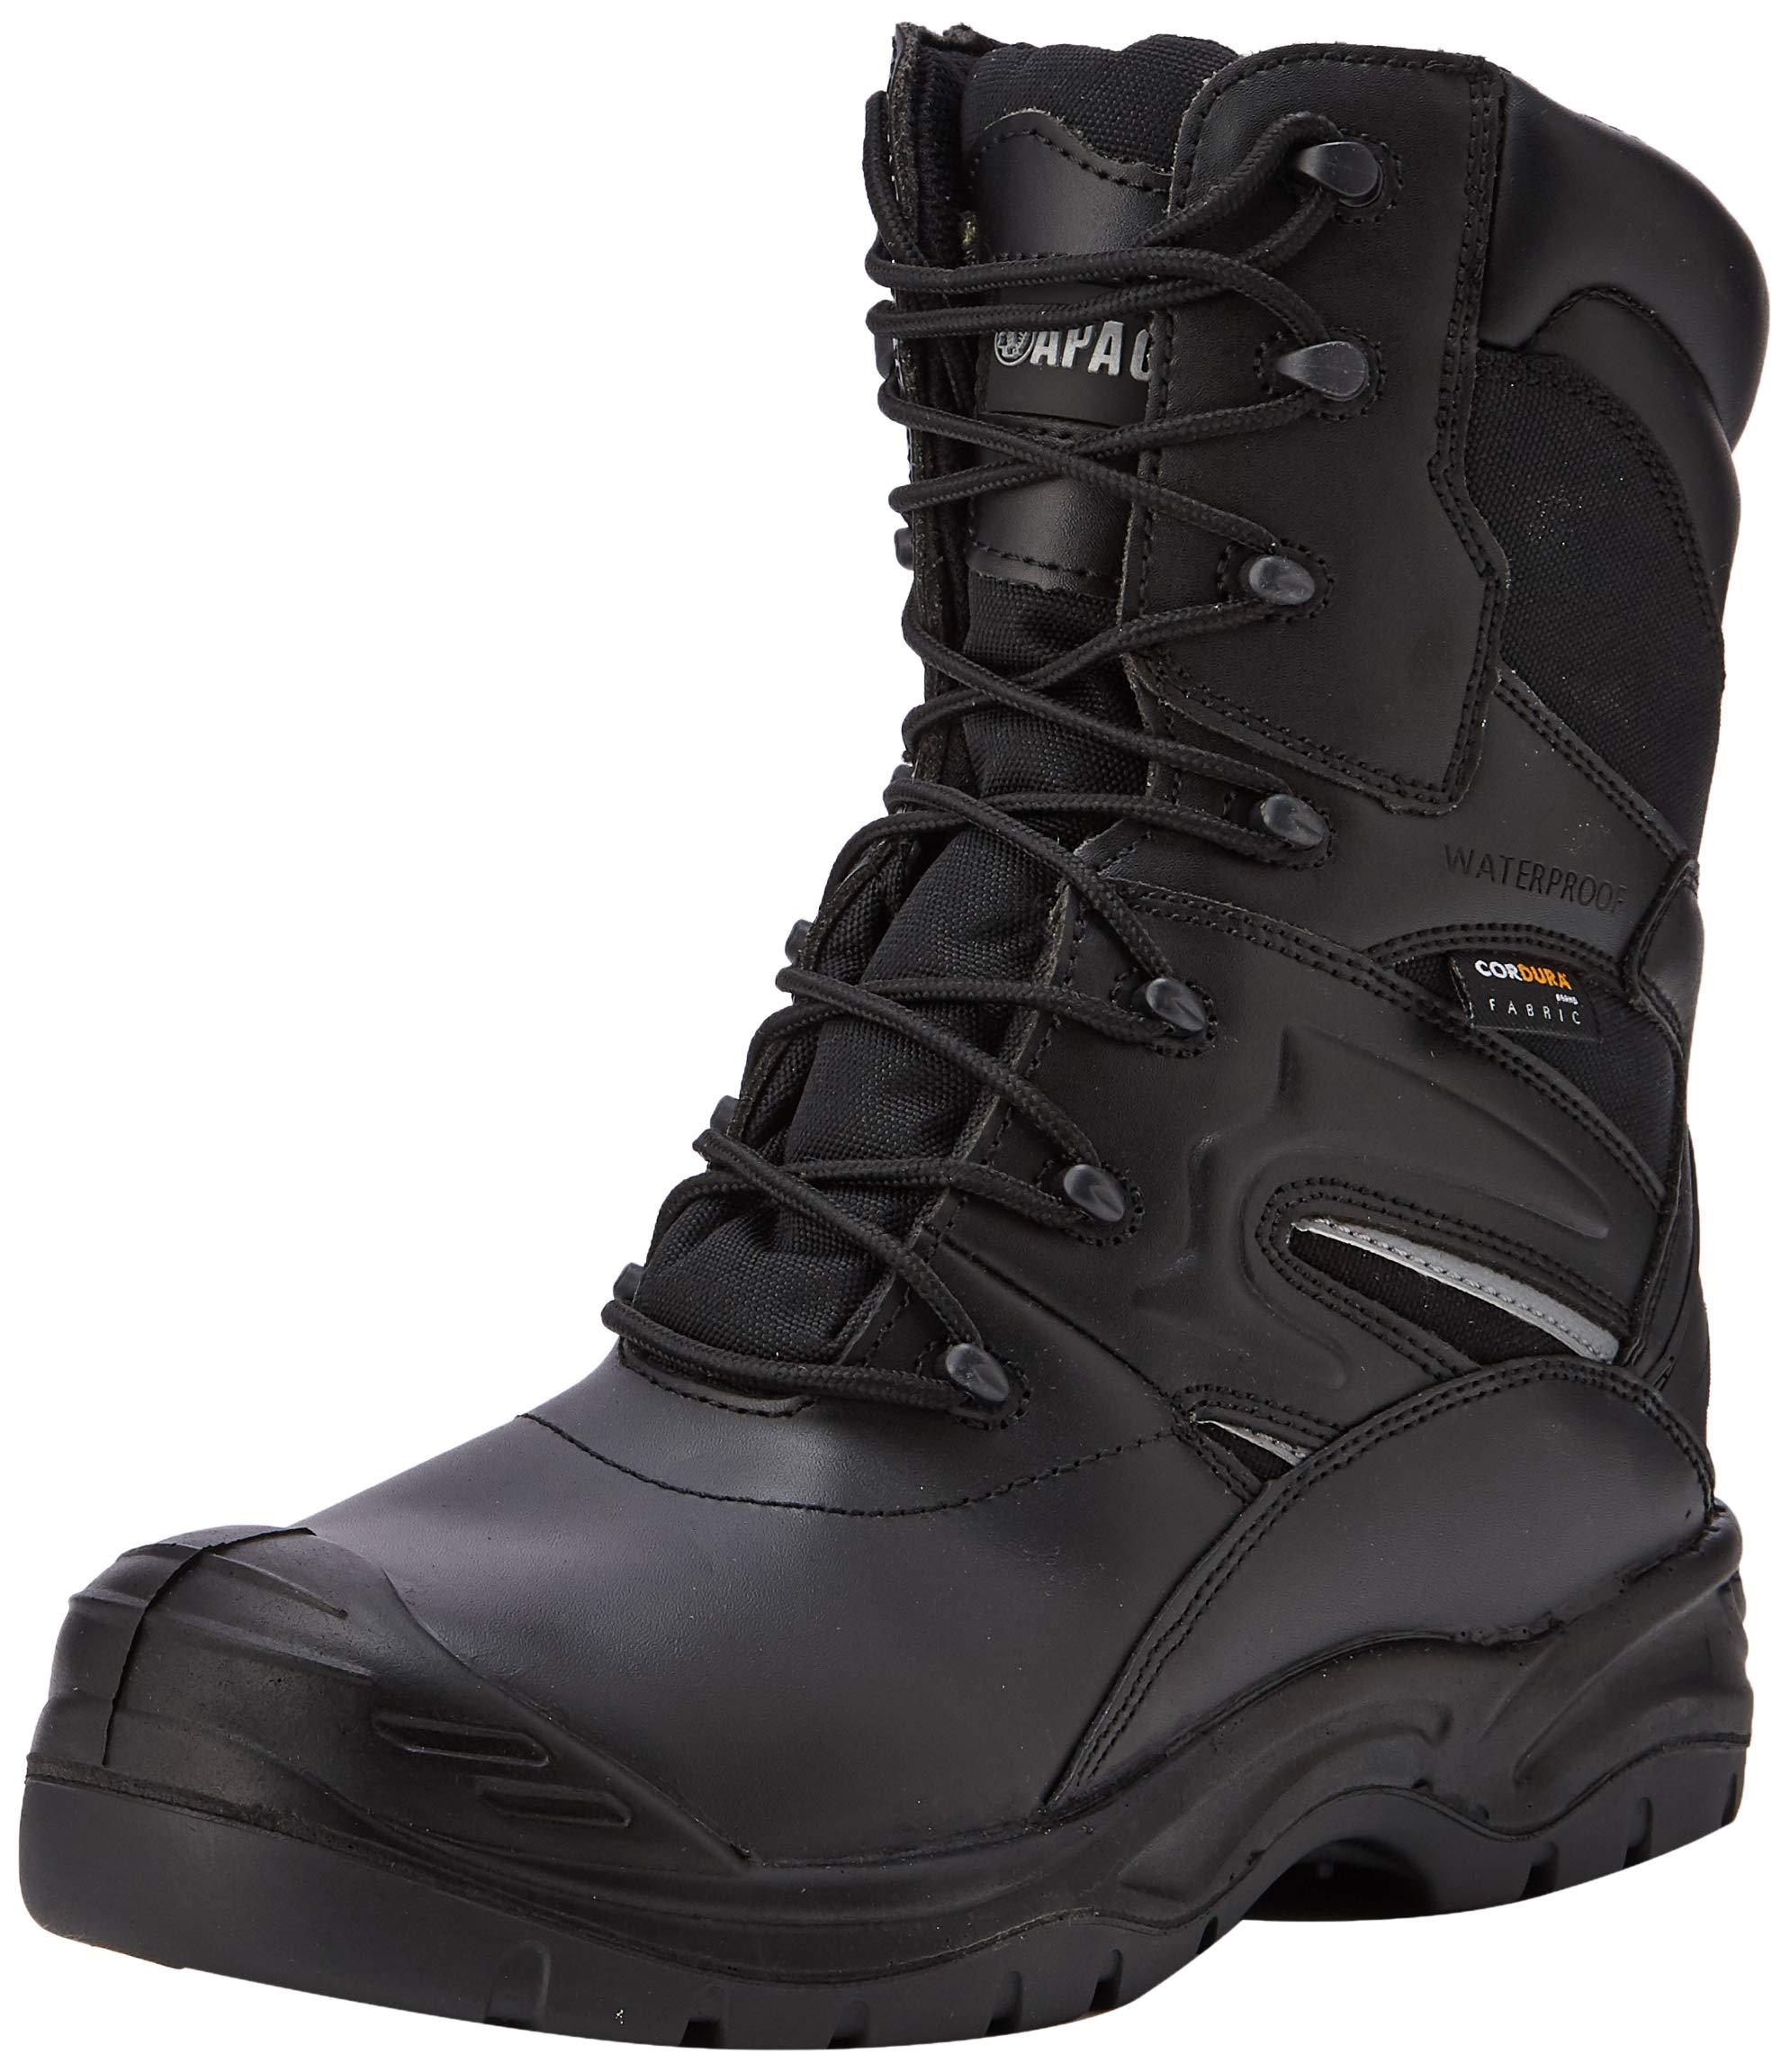 Apache Men Combat Safety Boots, Black